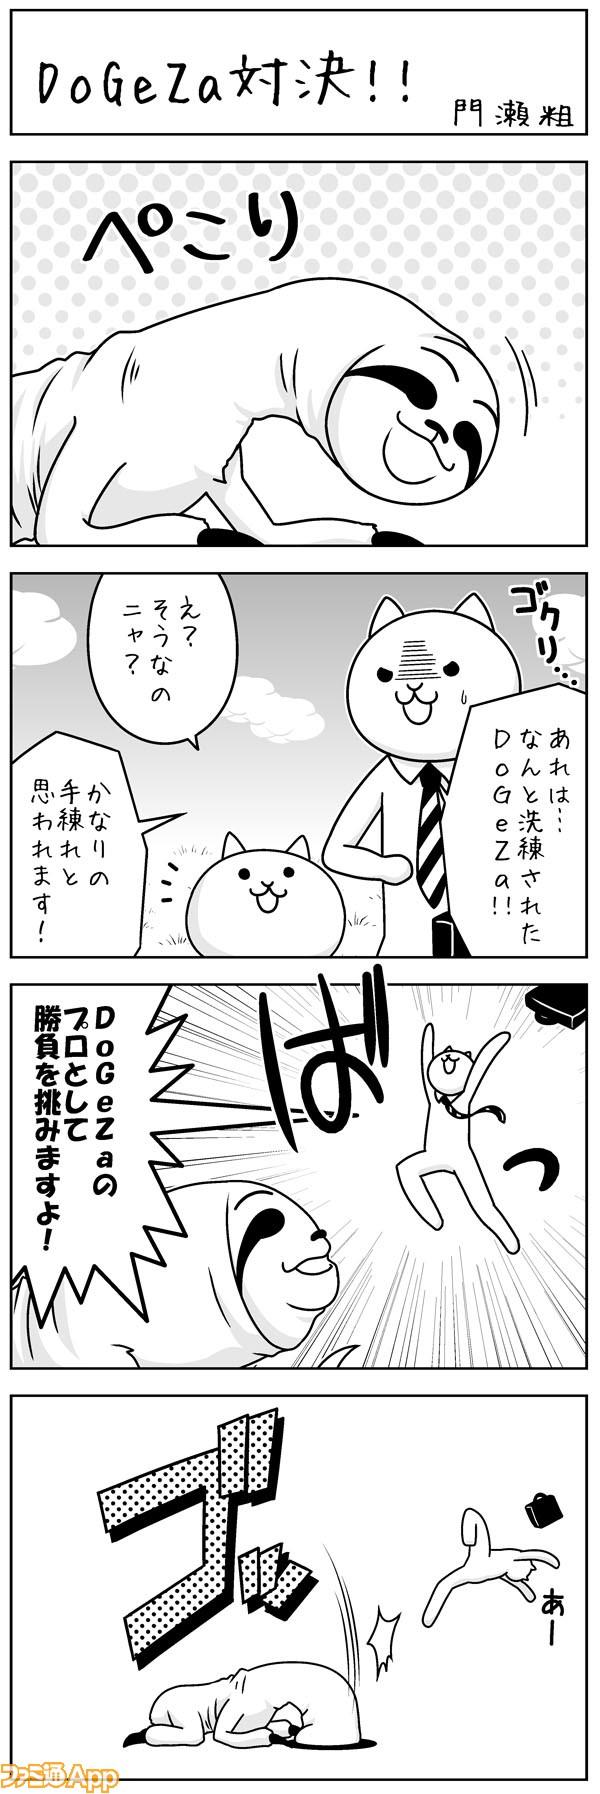 02kado_066